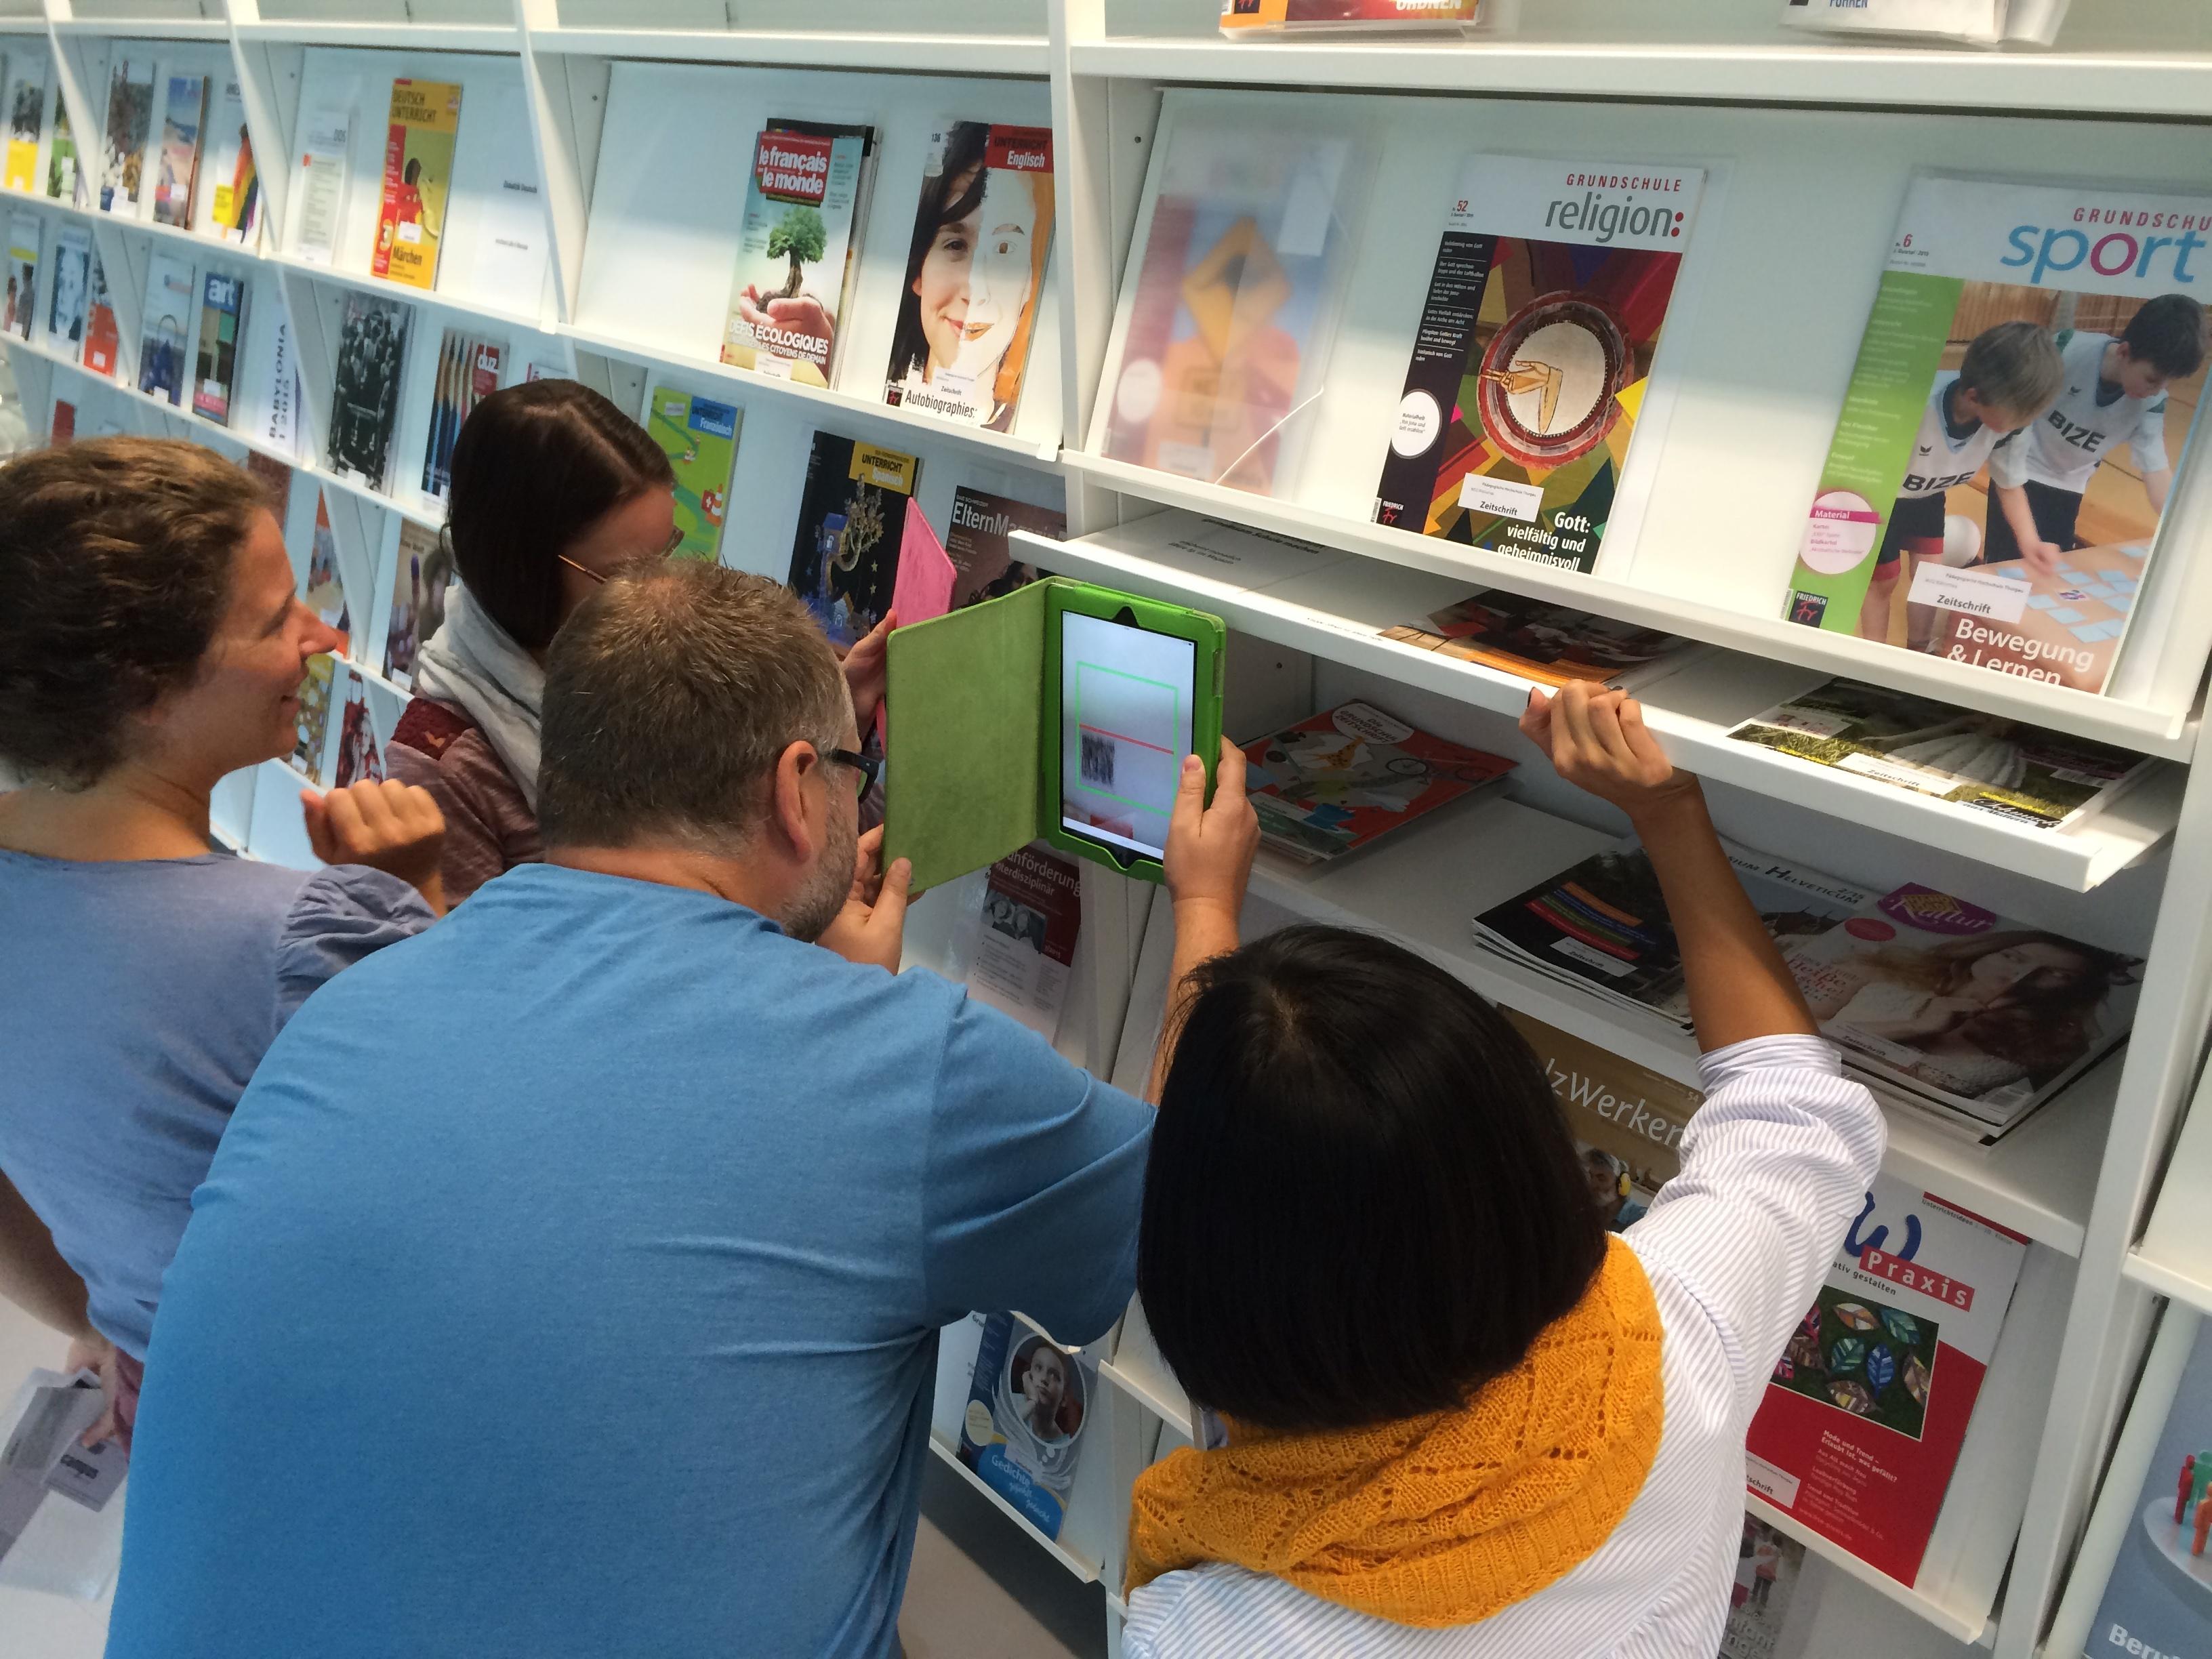 Macht Spass: Actionbound für Handy- und Tablet-Rallyes zur Erkundung von Bibliotheken.